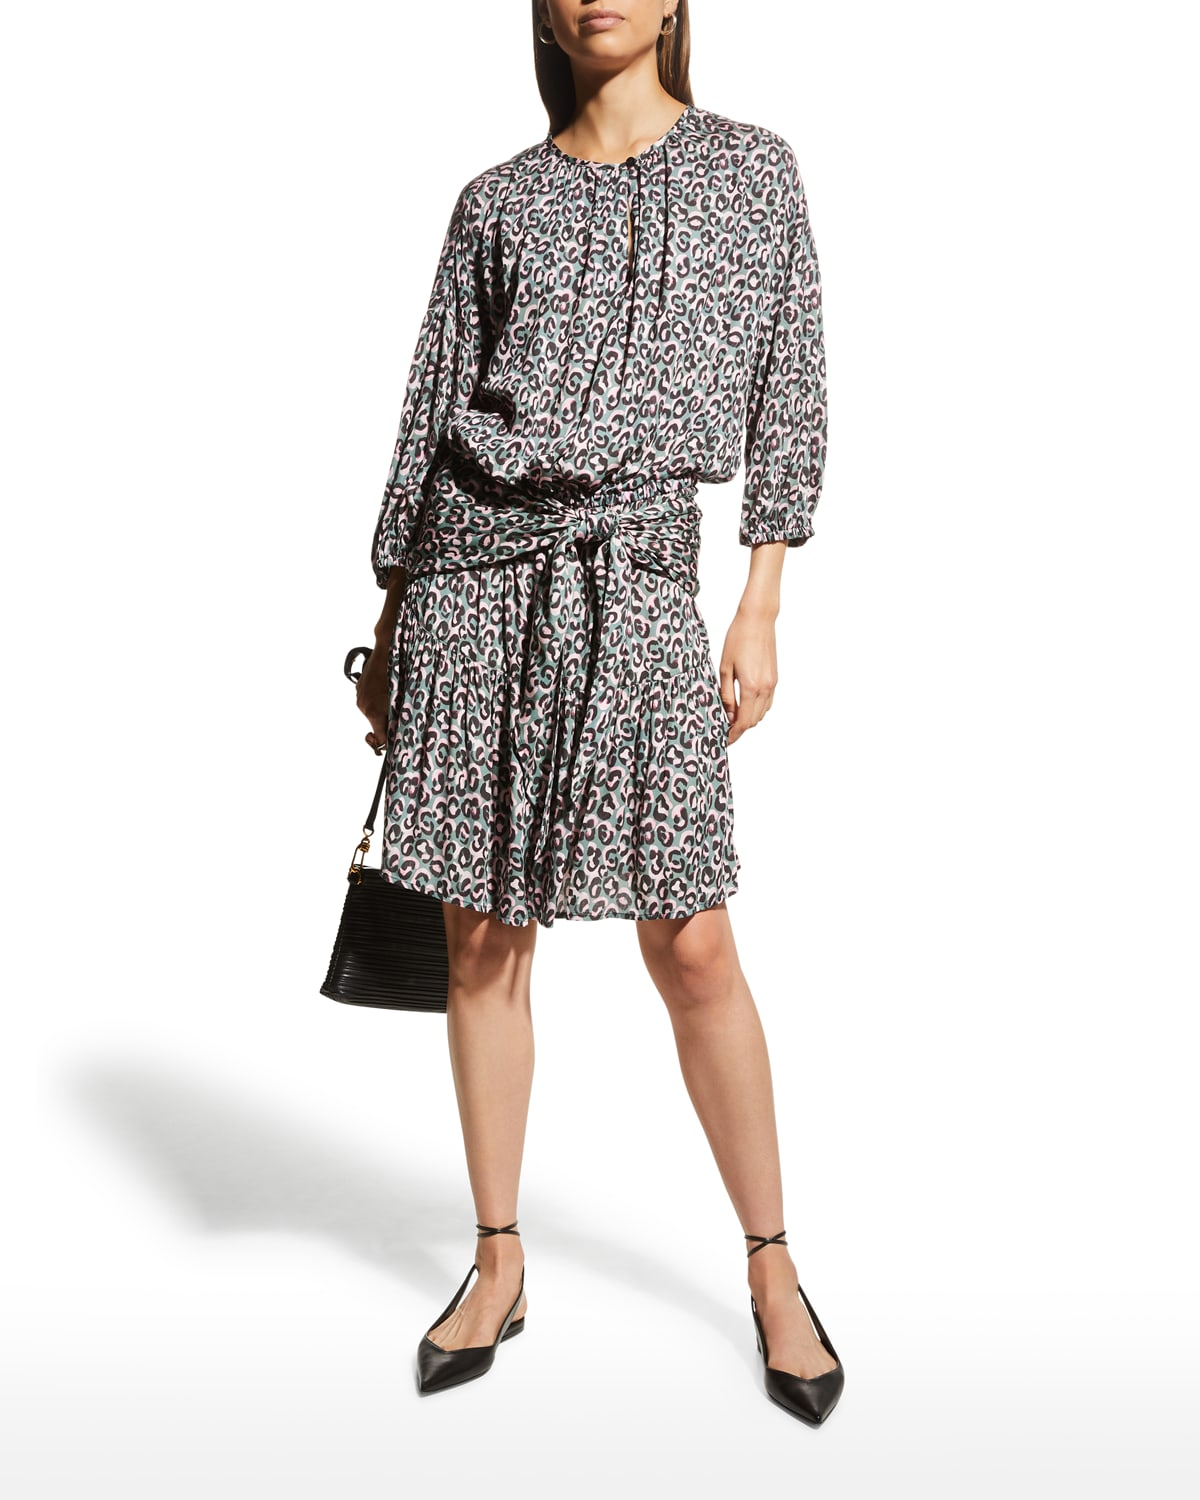 Coco Little Leopard-Print Blouson Dress